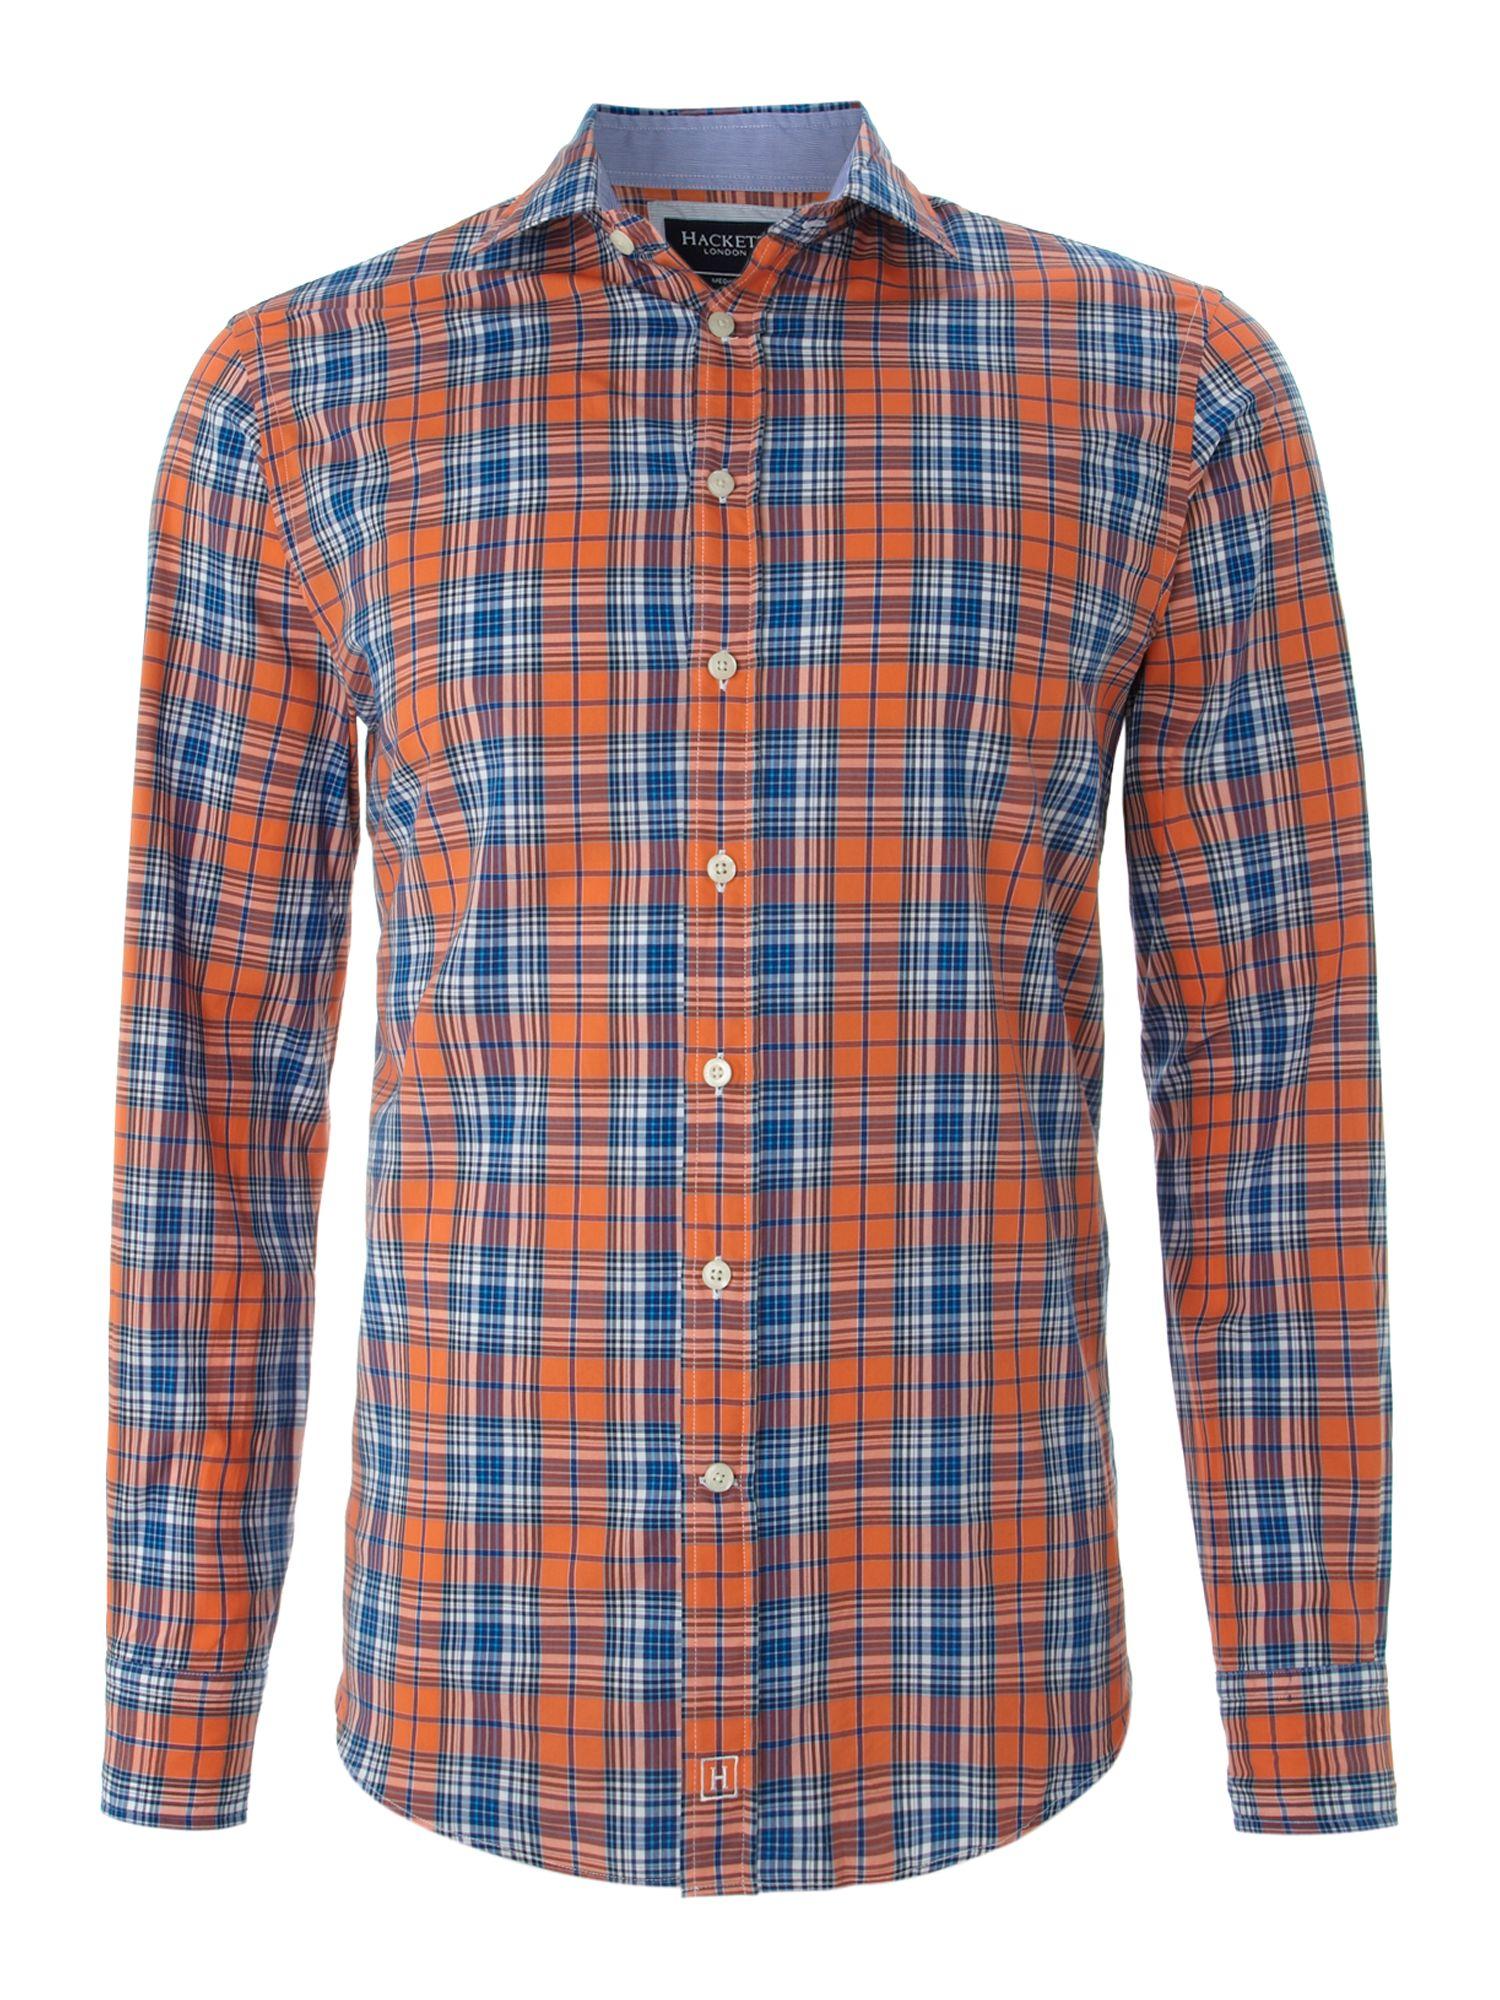 Hackett Long Sleeve Check Shirt In Blue For Men Orange